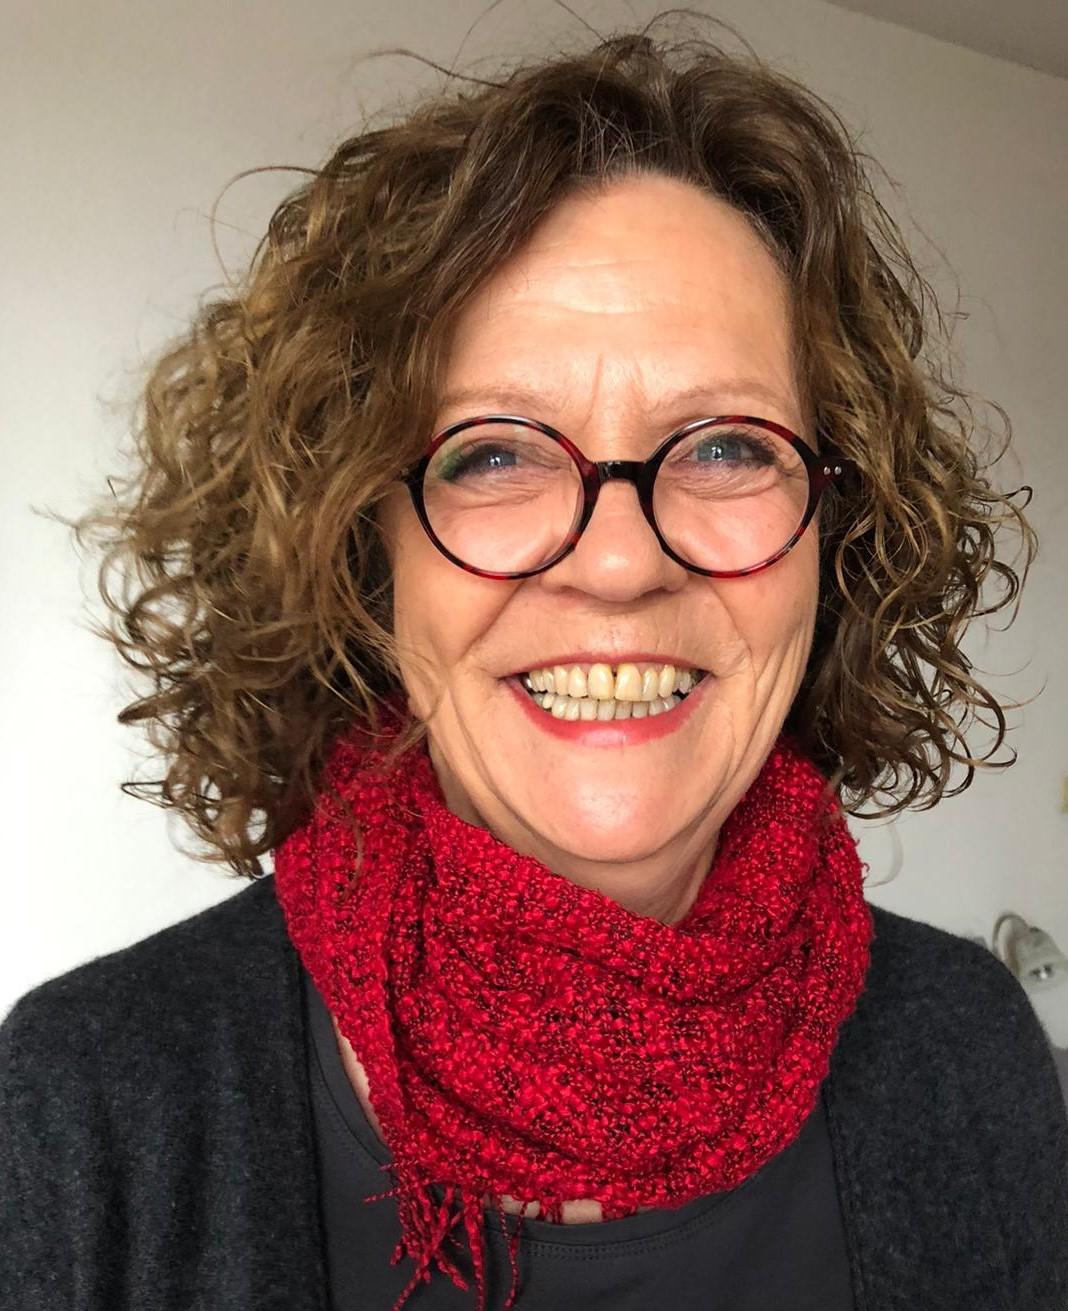 Marile Woitschikowski